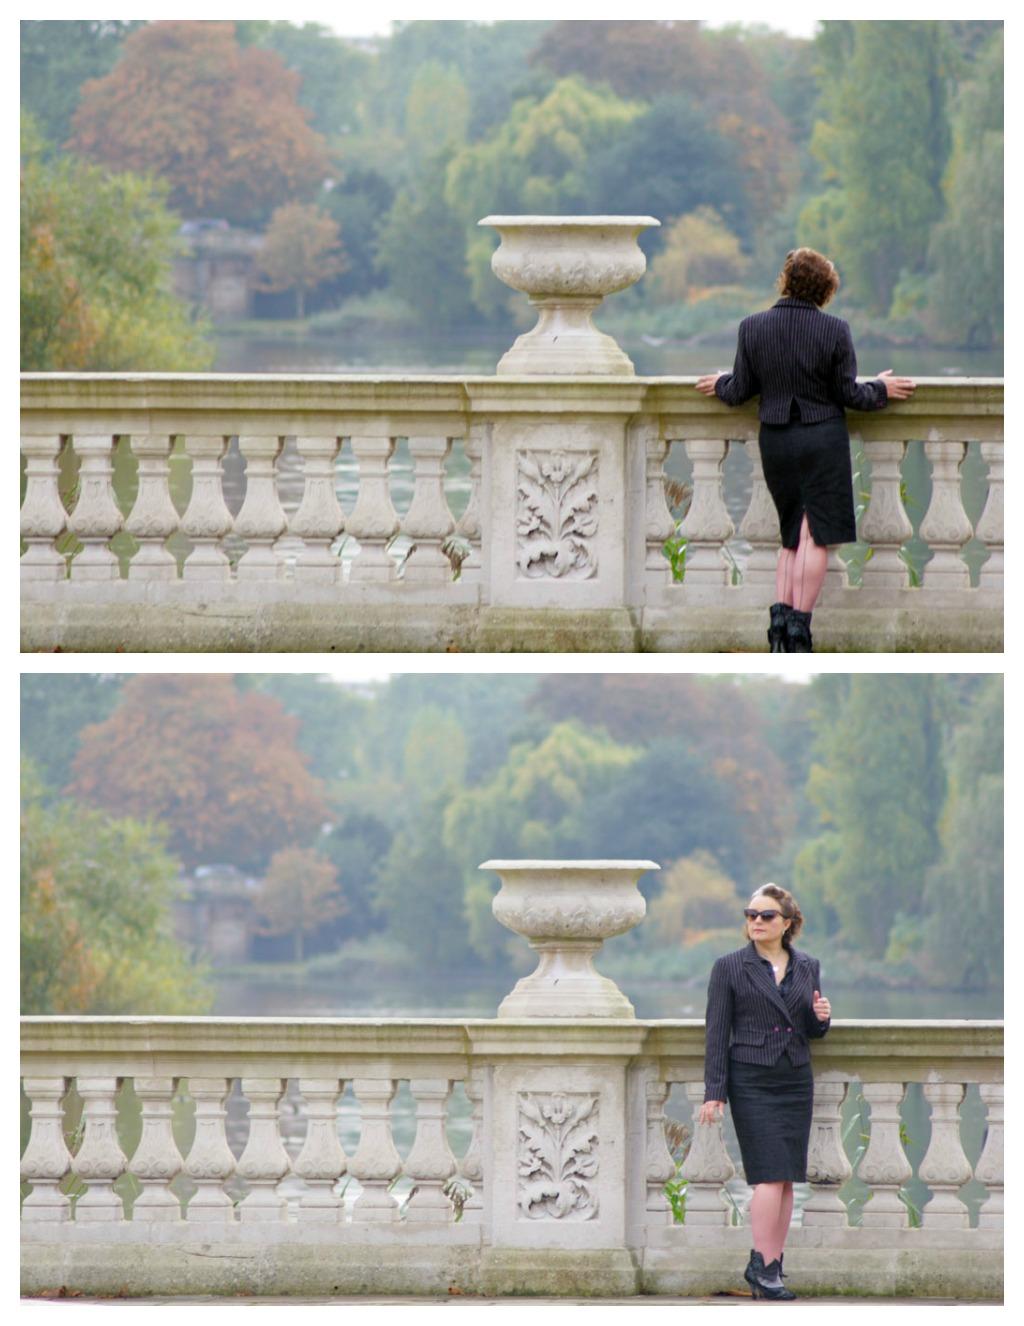 burda Jacket Italian Fountains